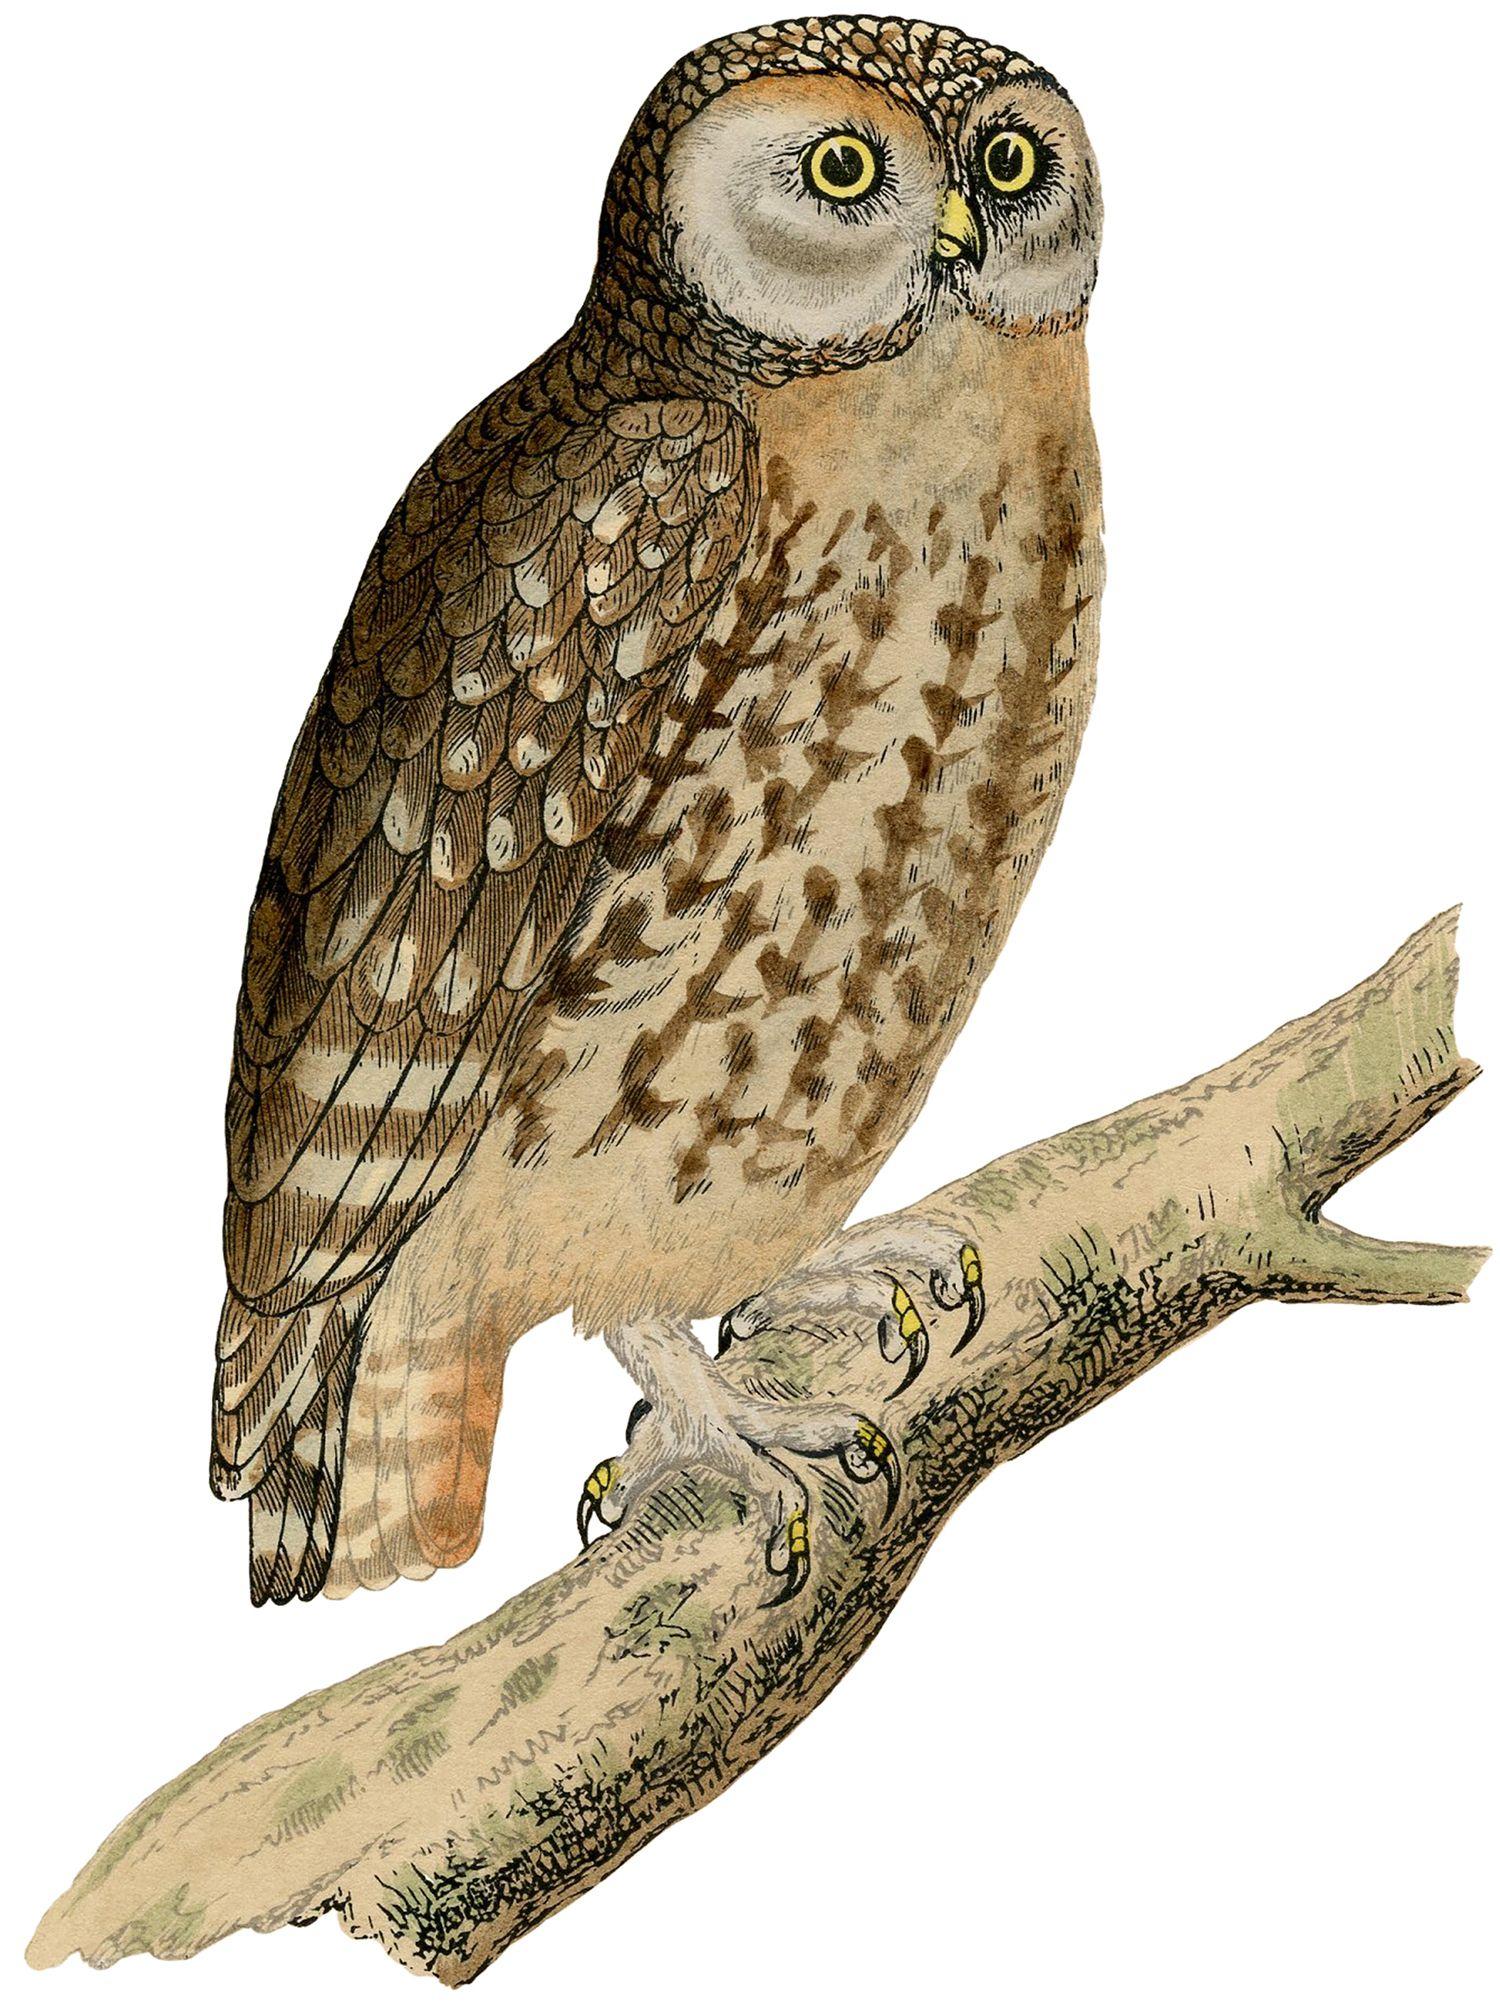 Изображение совы картинки для детей